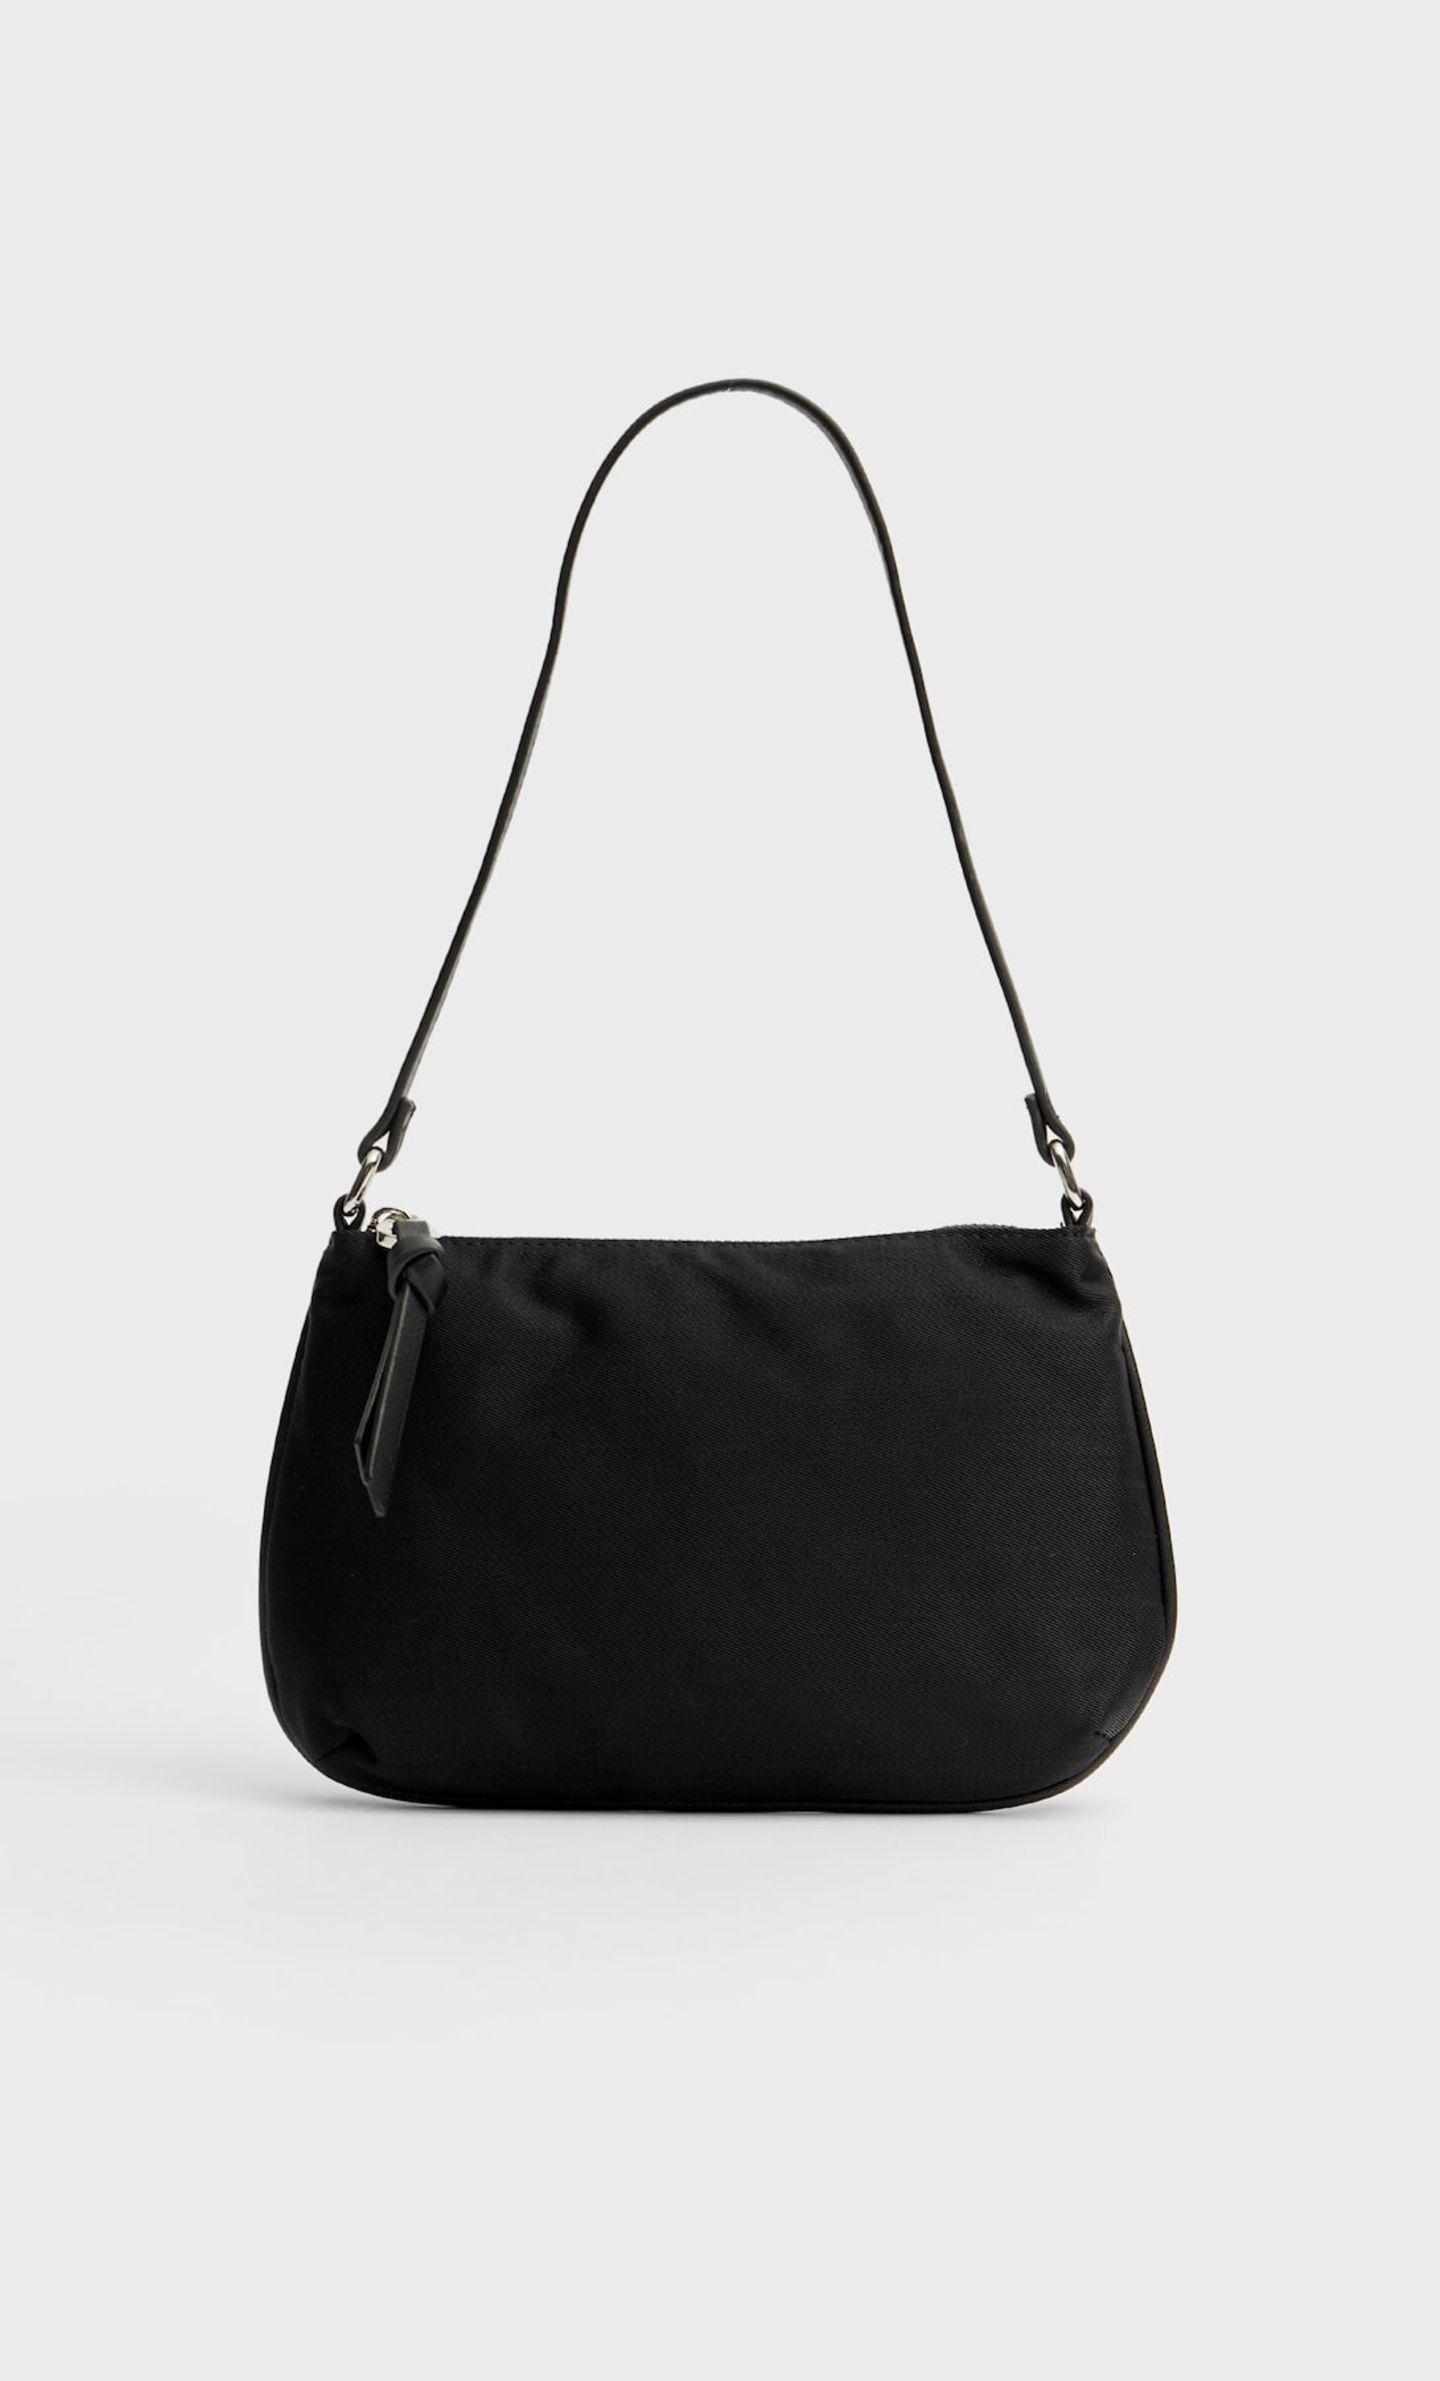 Mit dieser Art von Bag begann der ganze Nylon-Hype. Und auch in diesem Sommer machen wir mit der schwarzen Baguette-Tasche alles richtig. Von Stradivarius, ca. 13 Euro.